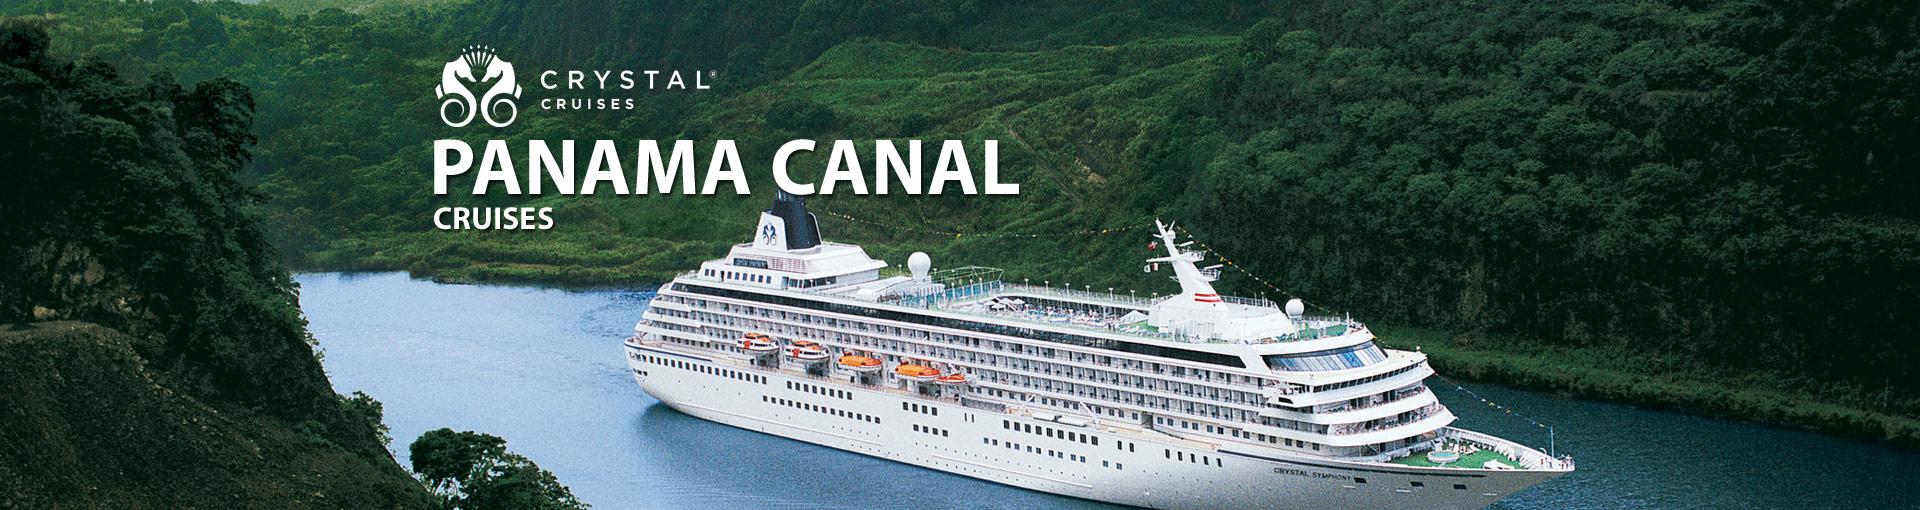 Crystal Cruises Panama Canal Cruises